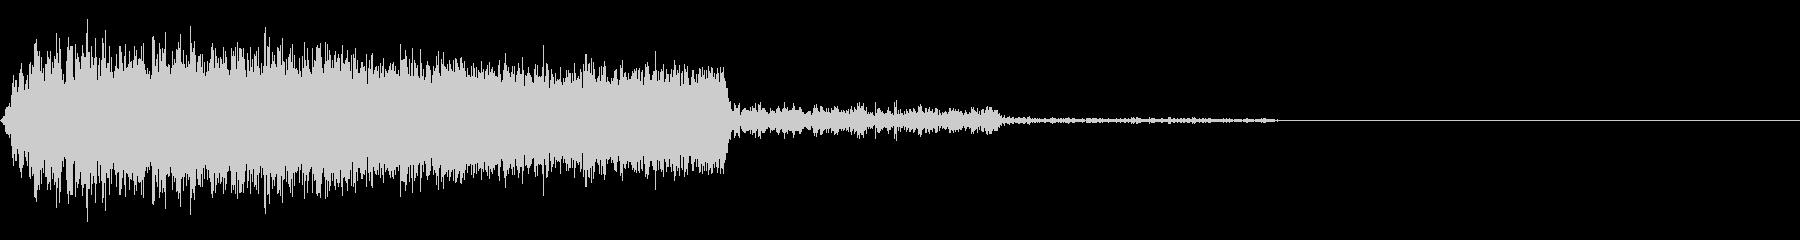 シューッという音EC07_89_2の未再生の波形